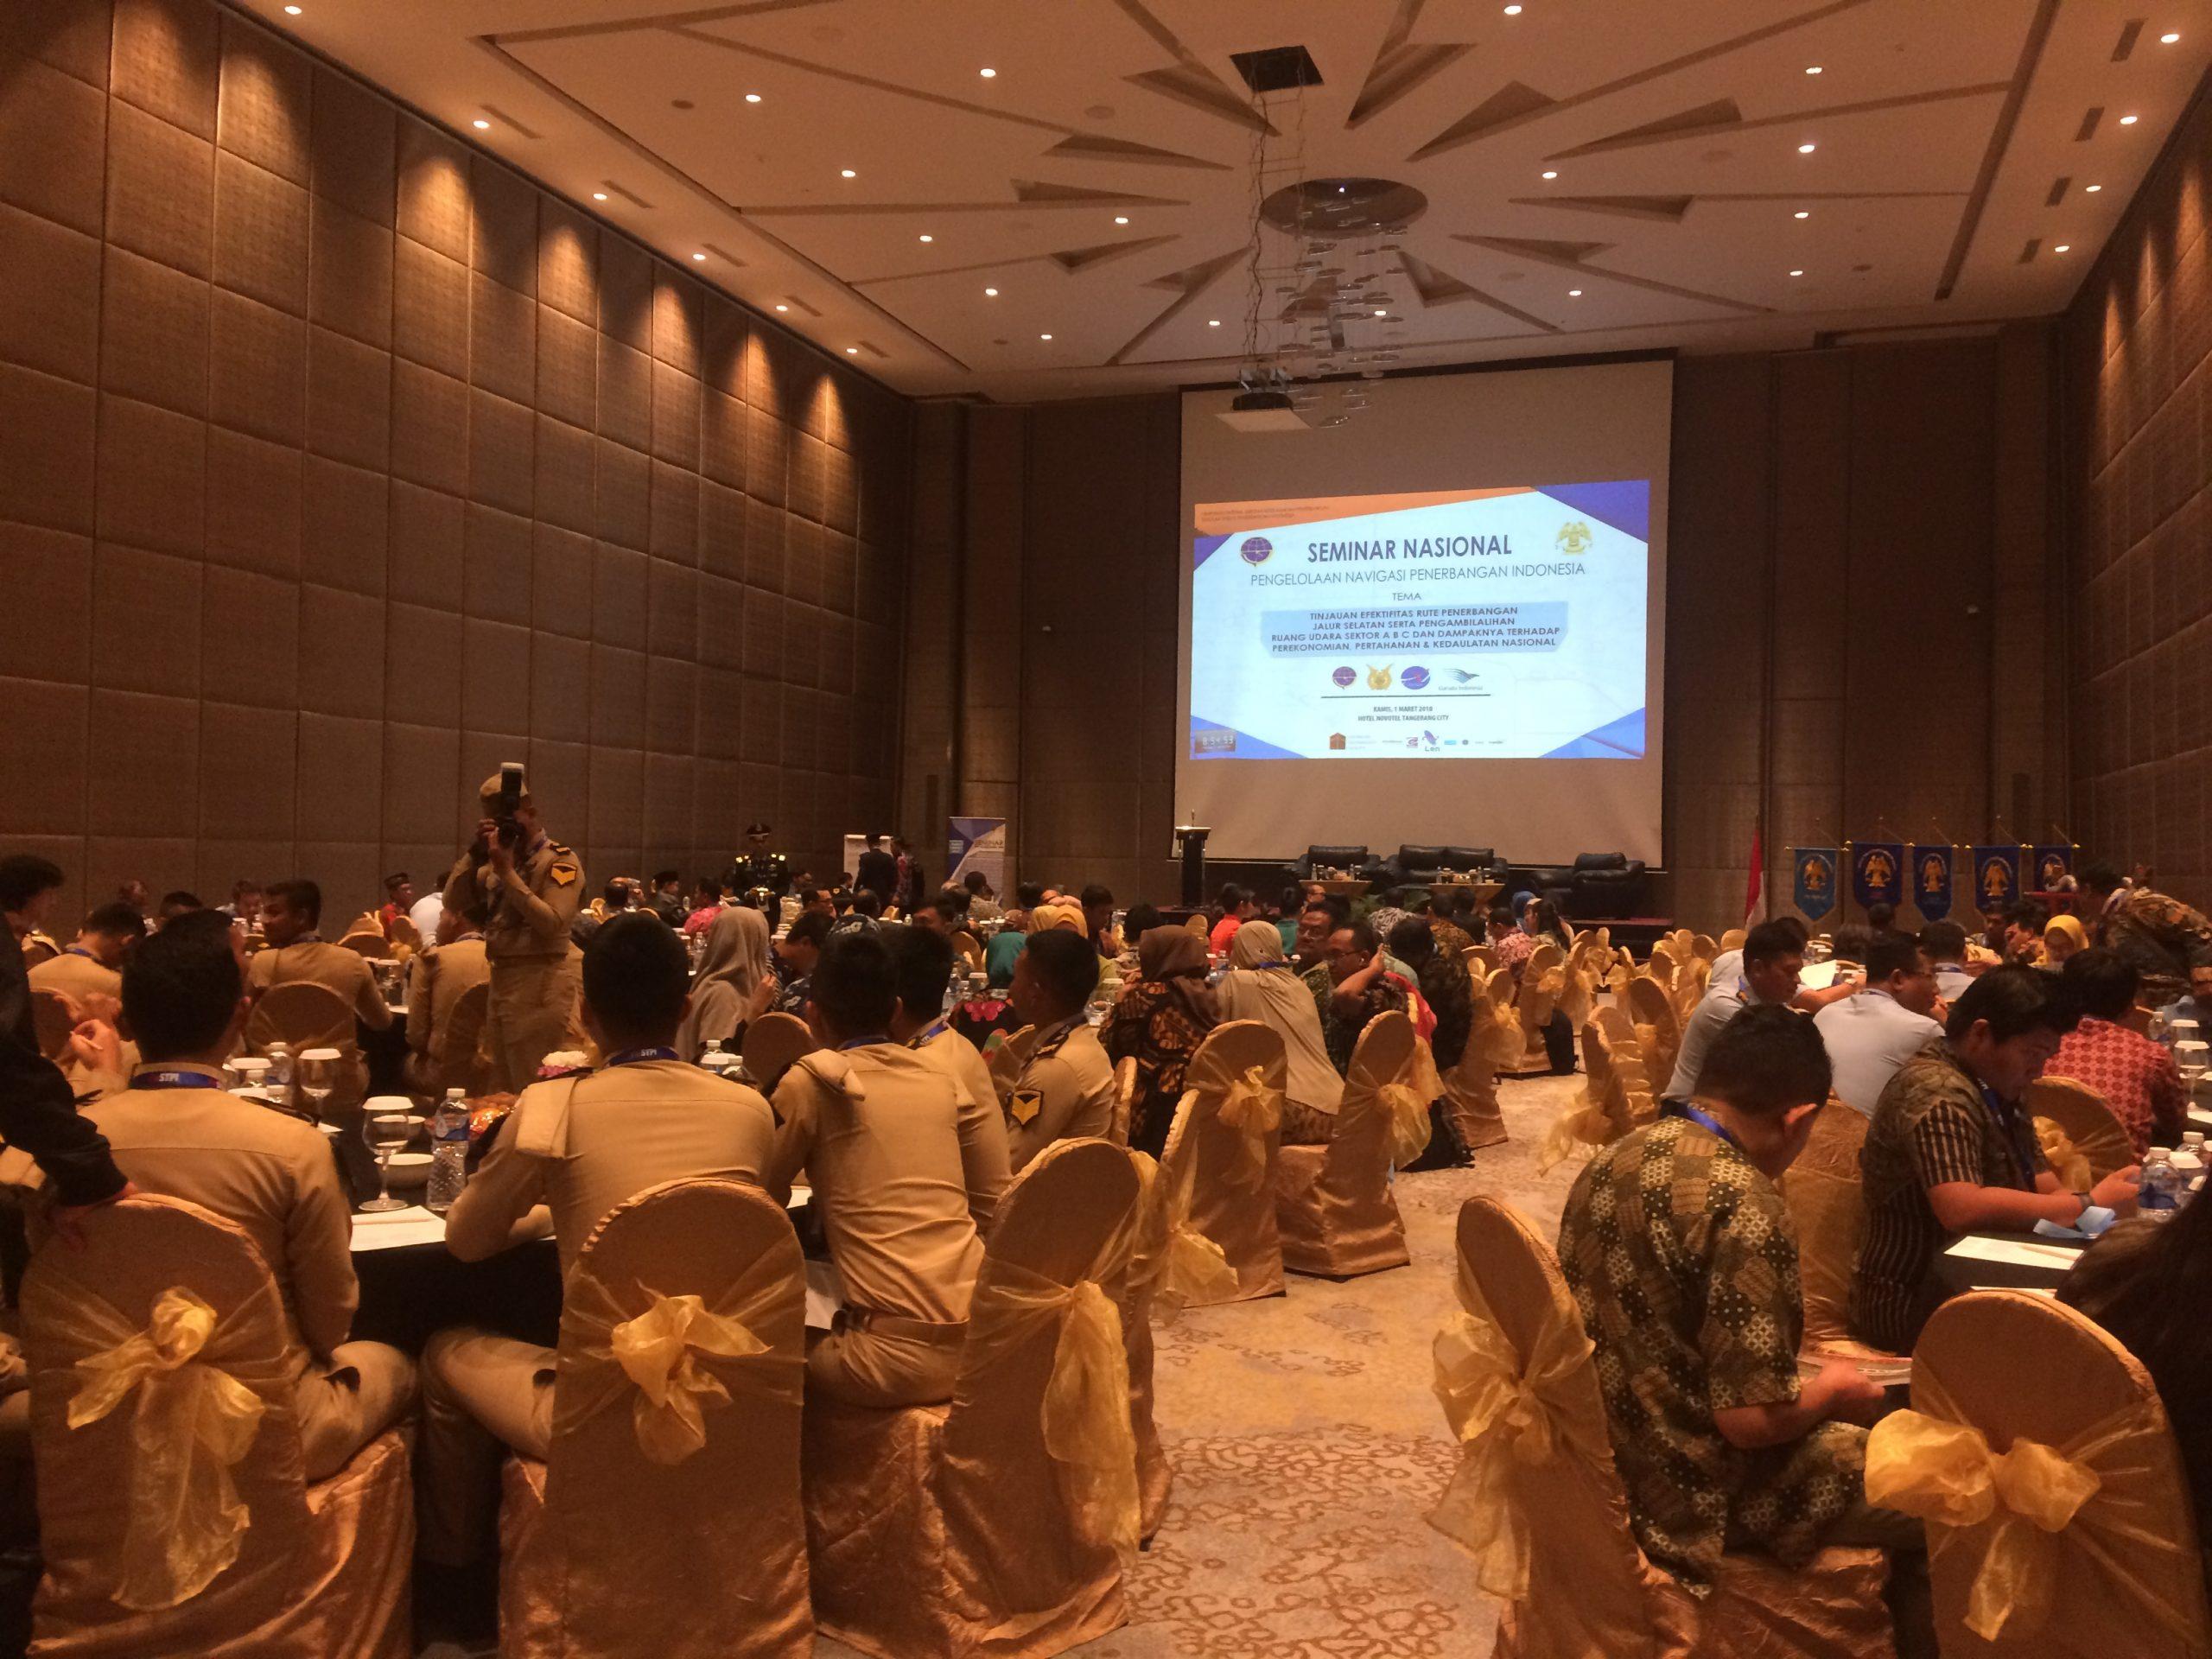 Gelar Seminar Nasional, Himpunan Taruna Jurusan Kespen STPI Bahas Pengambilan FIR A B C